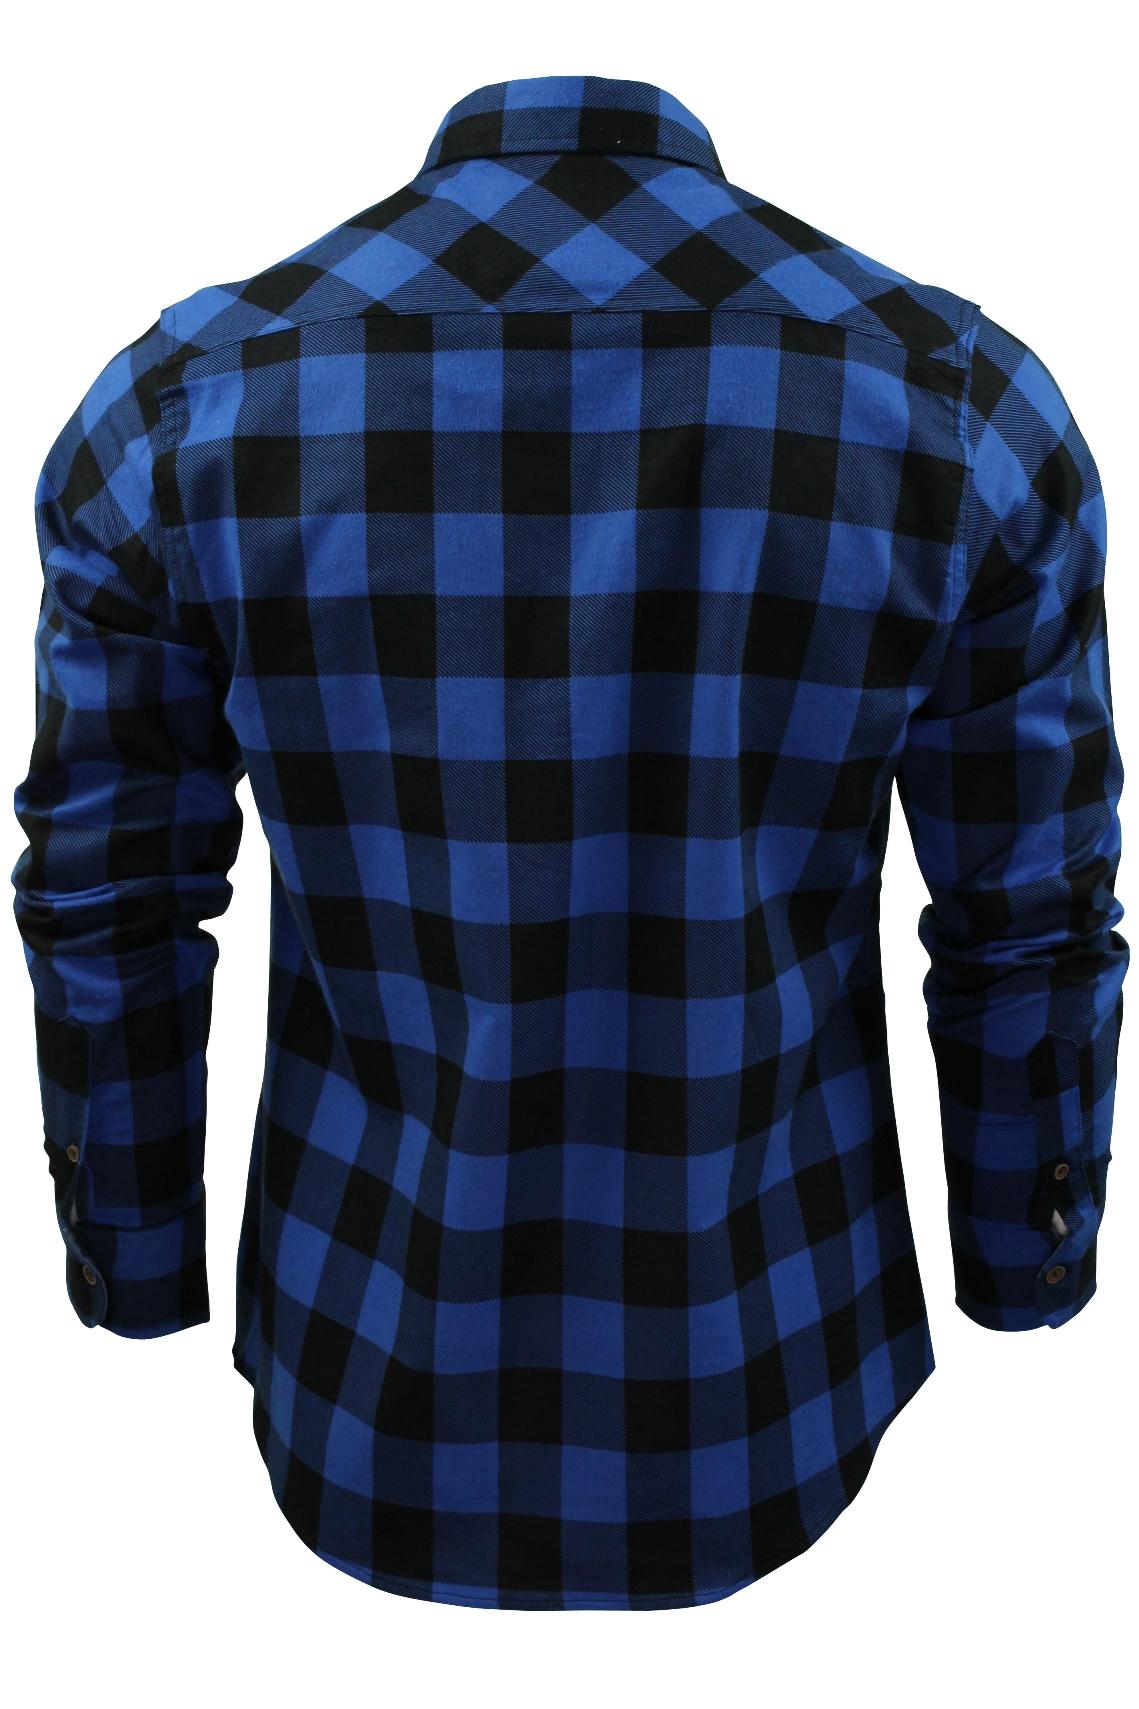 Verificacion-de-franela-de-algodon-cepillado-alma-valiente-camisa-de-mangas-largas-De-Jack miniatura 6